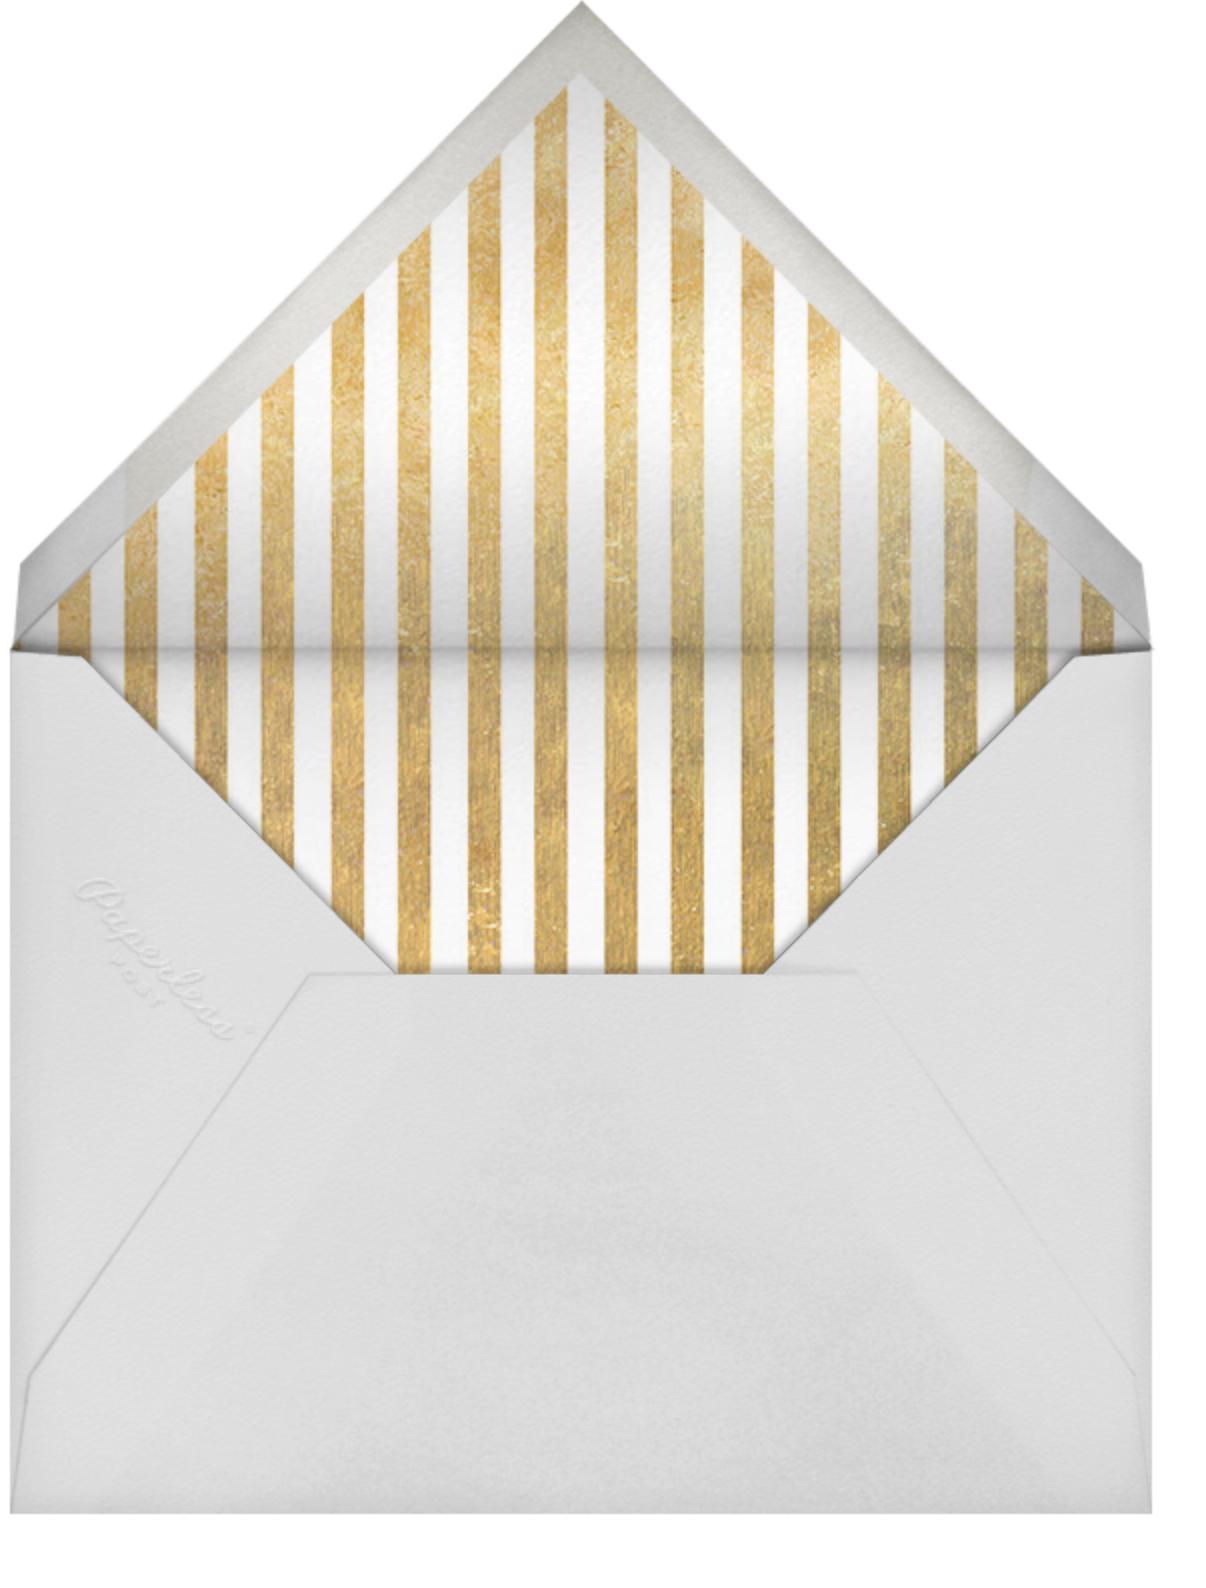 Nixon - Blind Gold - Jonathan Adler - null - envelope back